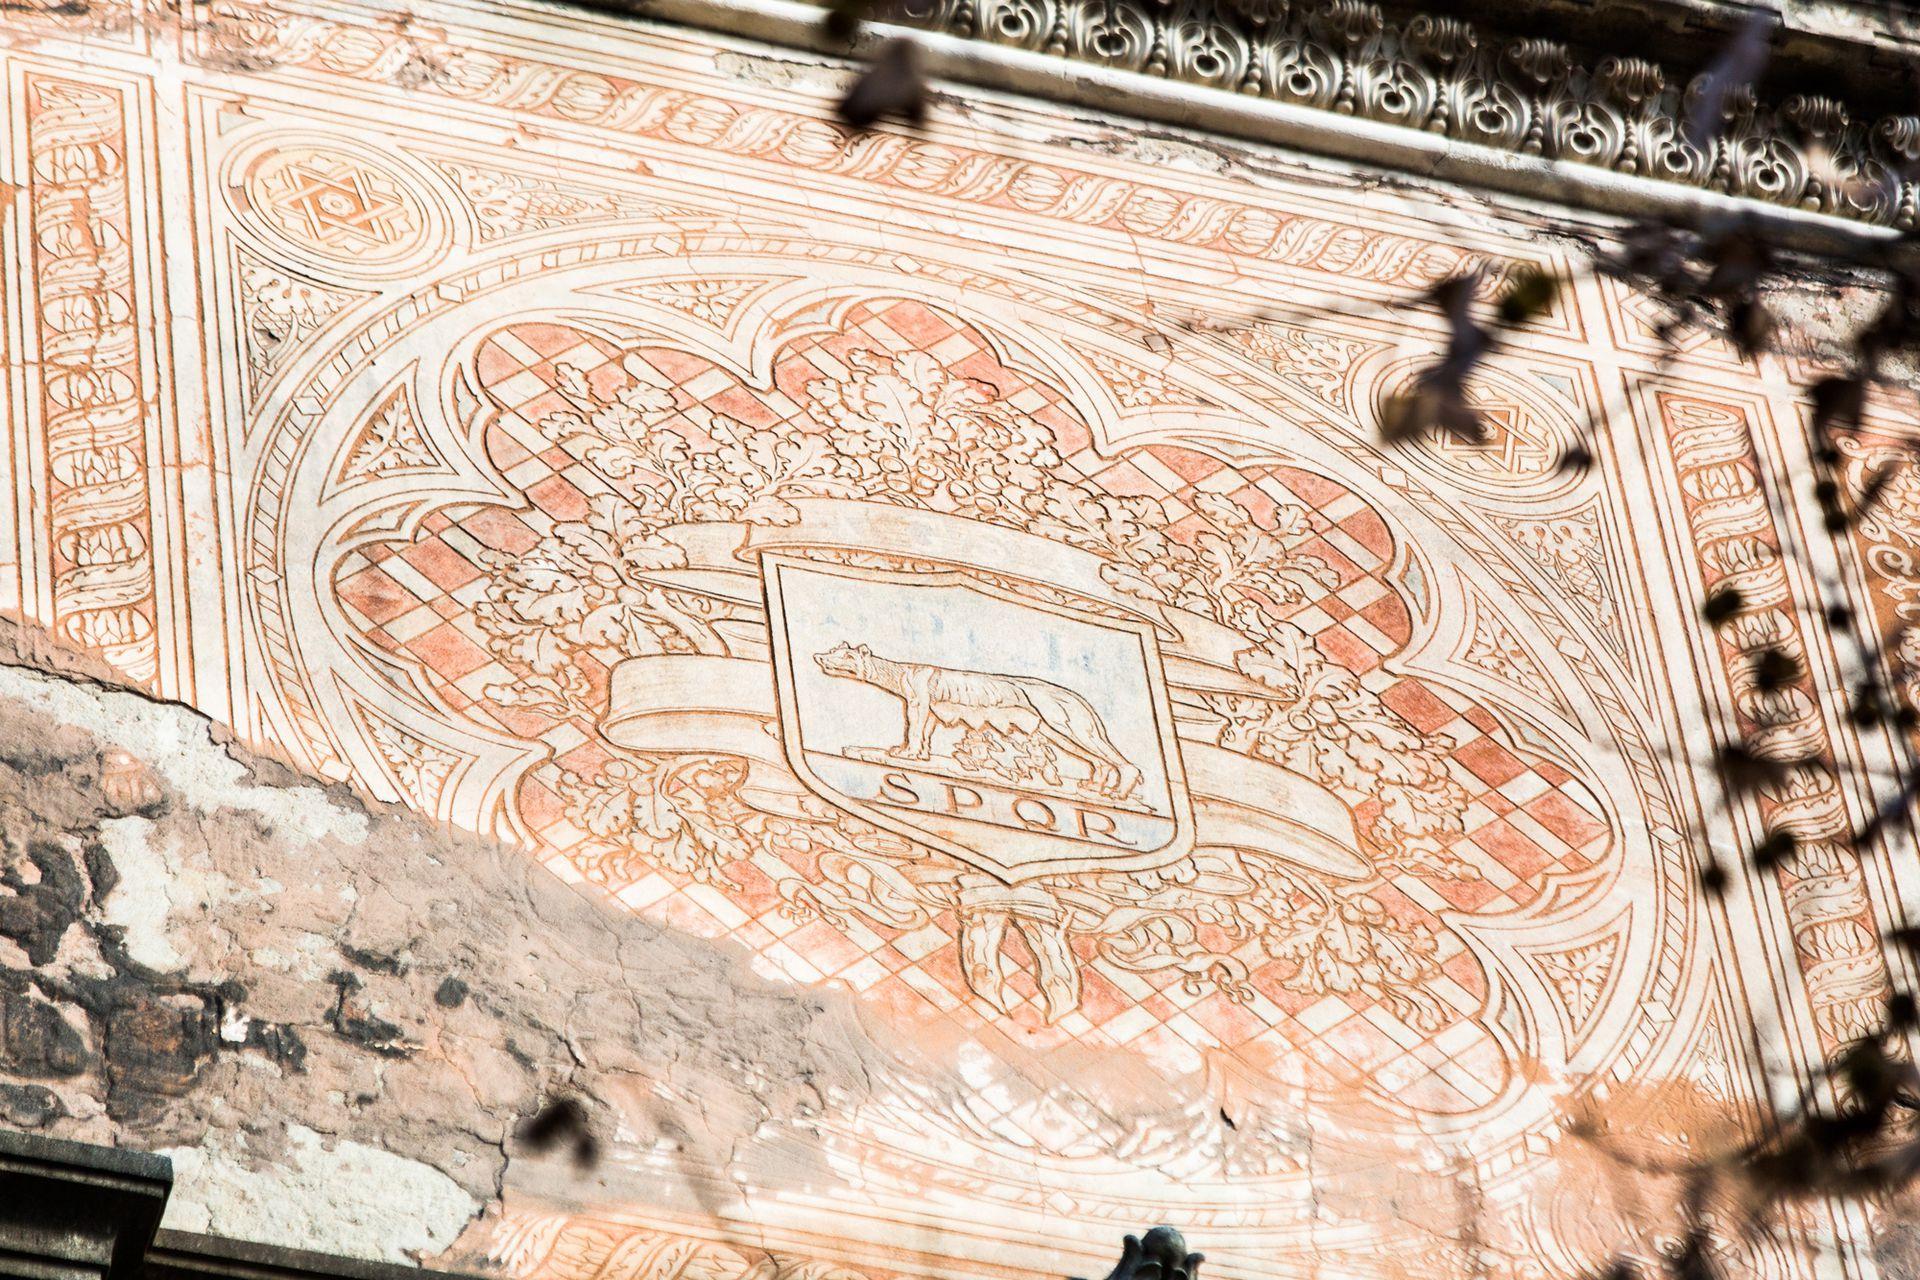 La loba romana y la sigla SPQR (Senatus Populus Que Romanus) en el frente del edificio.